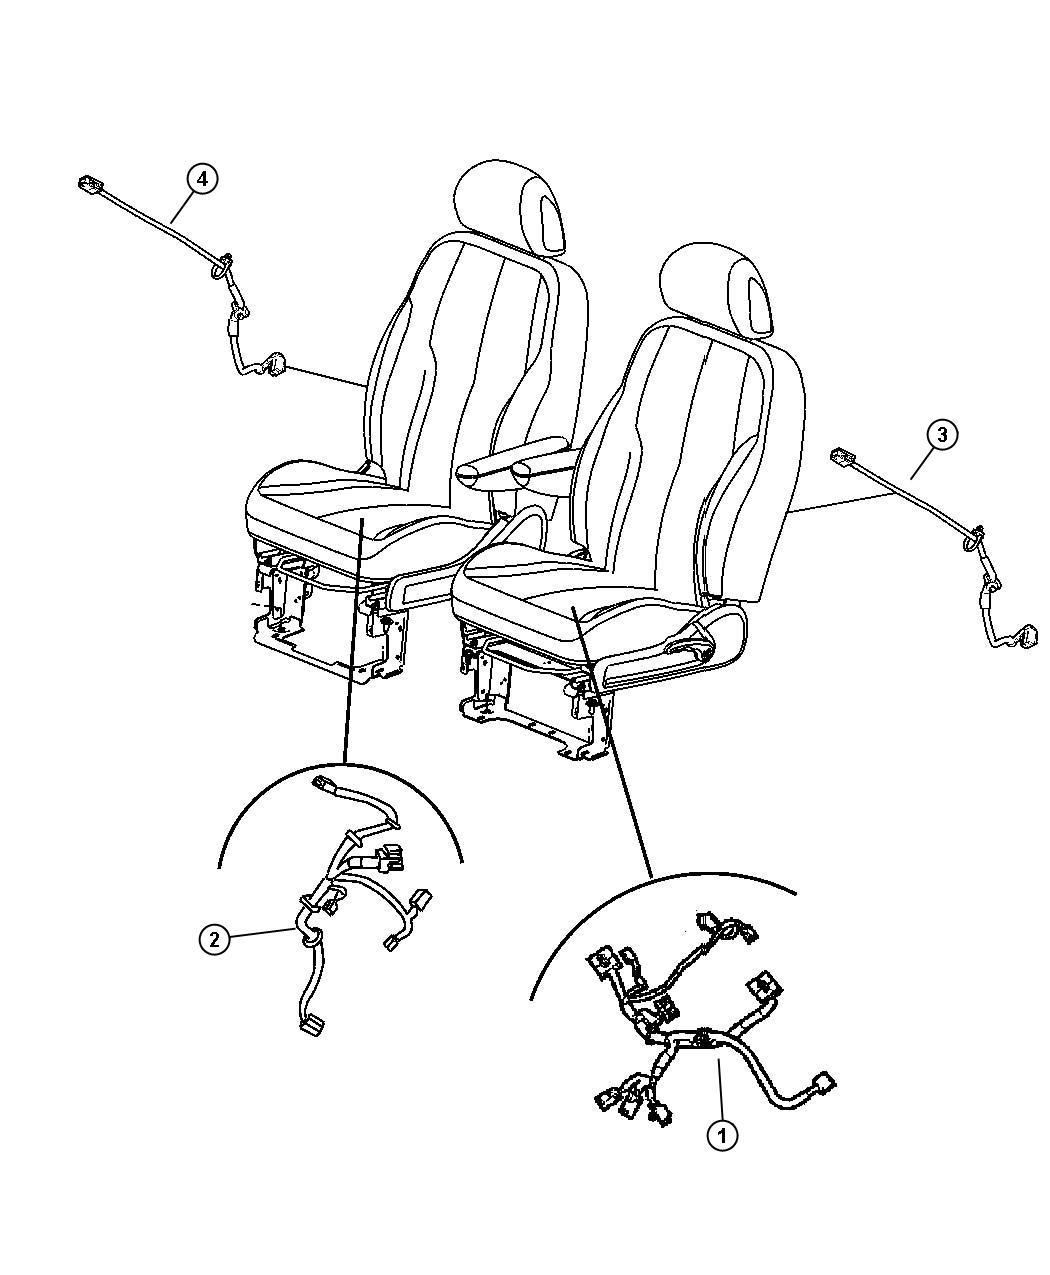 2007 Chrysler Pt Cruiser Wiring  Power Seat  Seat